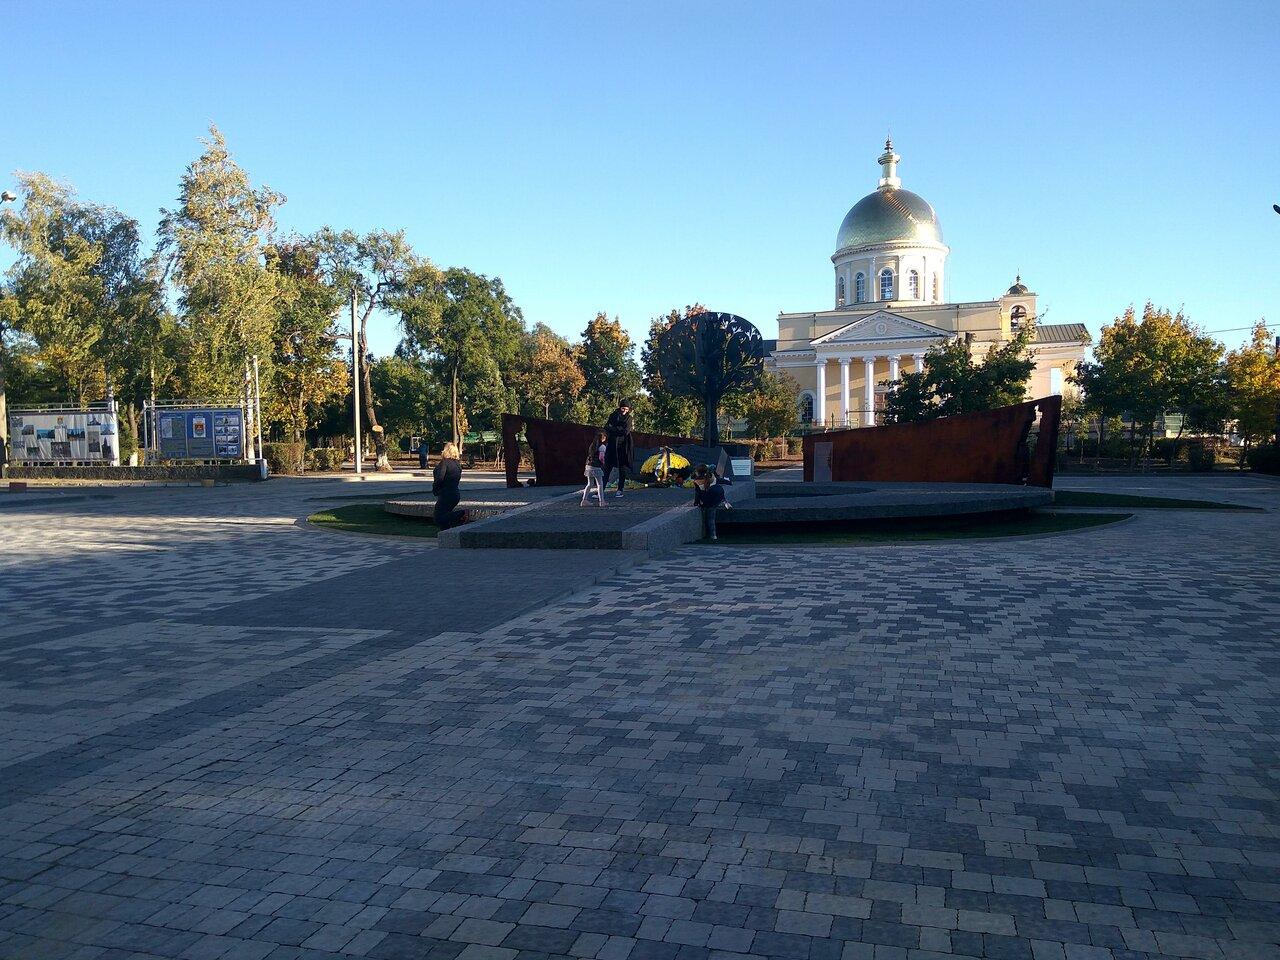 старые фото г болград одесская обл то, чем занят